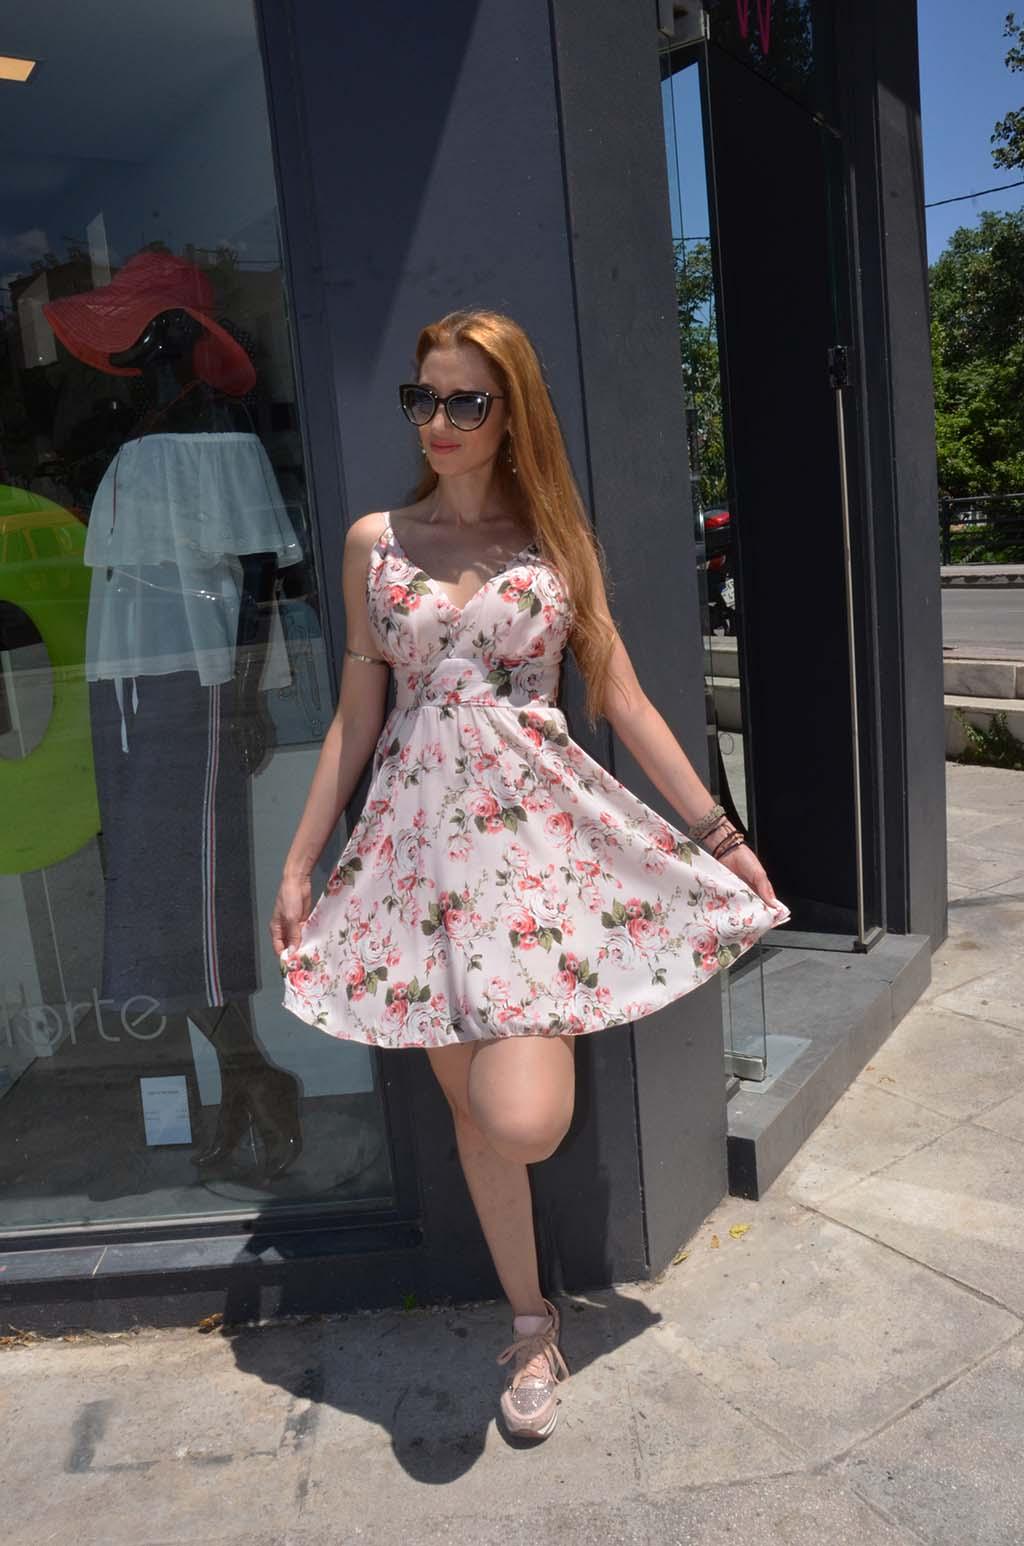 Θυμήσου ότι σε maxi γραμμή το floral φόρεμα είναι πιο επίσημο και μπορείς  να το φορέσεις από ένα απλό ποτό μέχρι και στις καλοκαιρινές σου  εκδηλώσεις ba31c322643